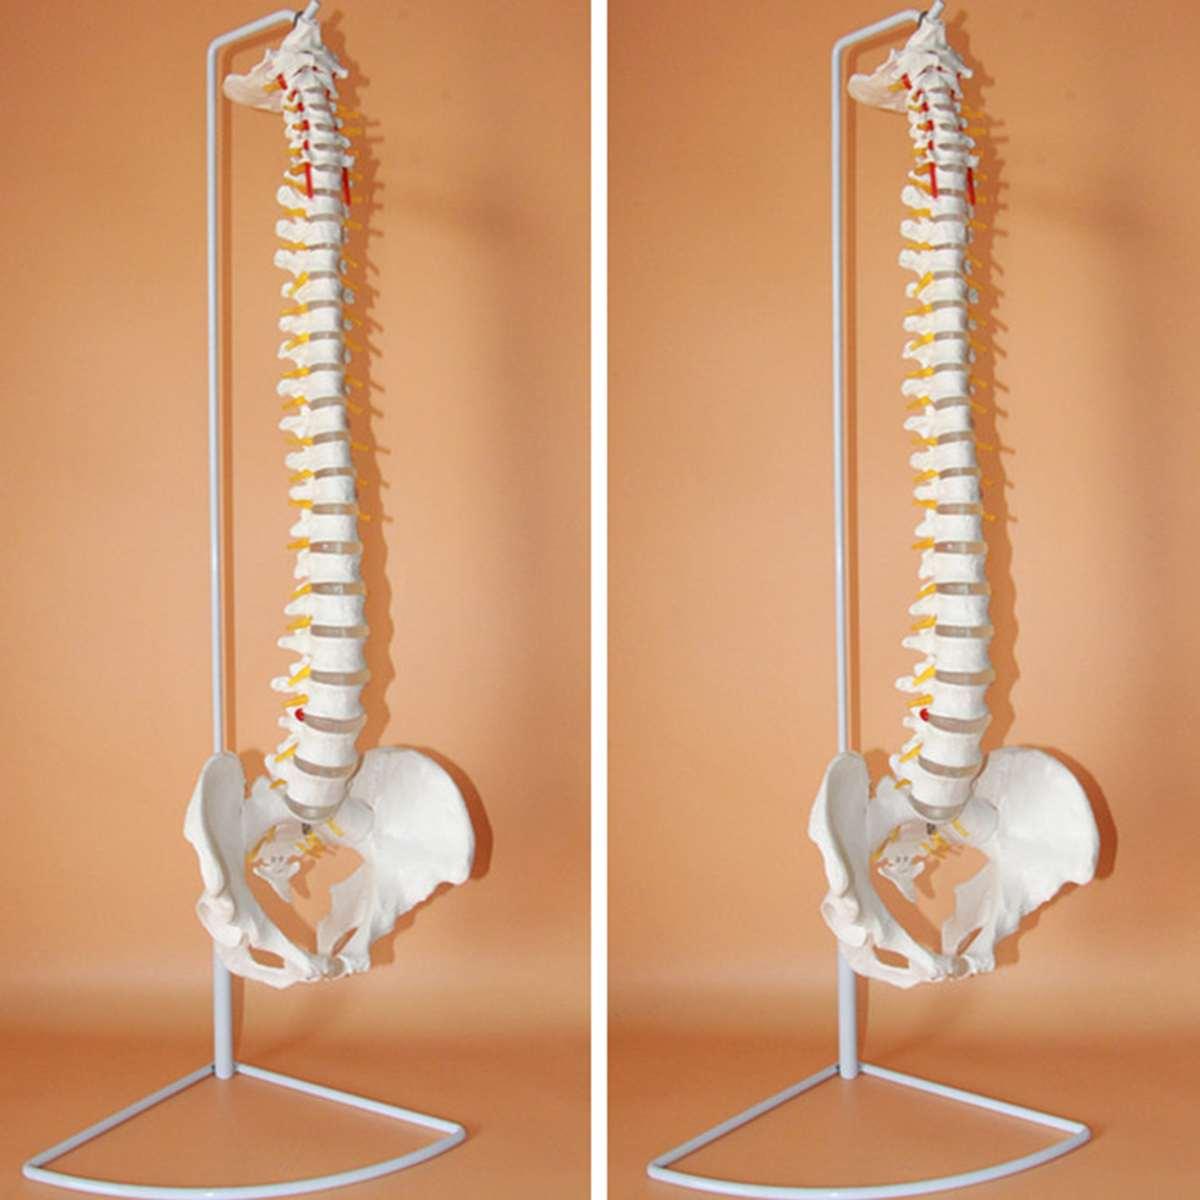 73 centimetri di Dimensione di Vita Flessibile Chiropratica Umani Della Colonna Vertebrale Anatomia Anatomico Modello Con Il Basamento Scuola di Scienza Medica Modello Educativo